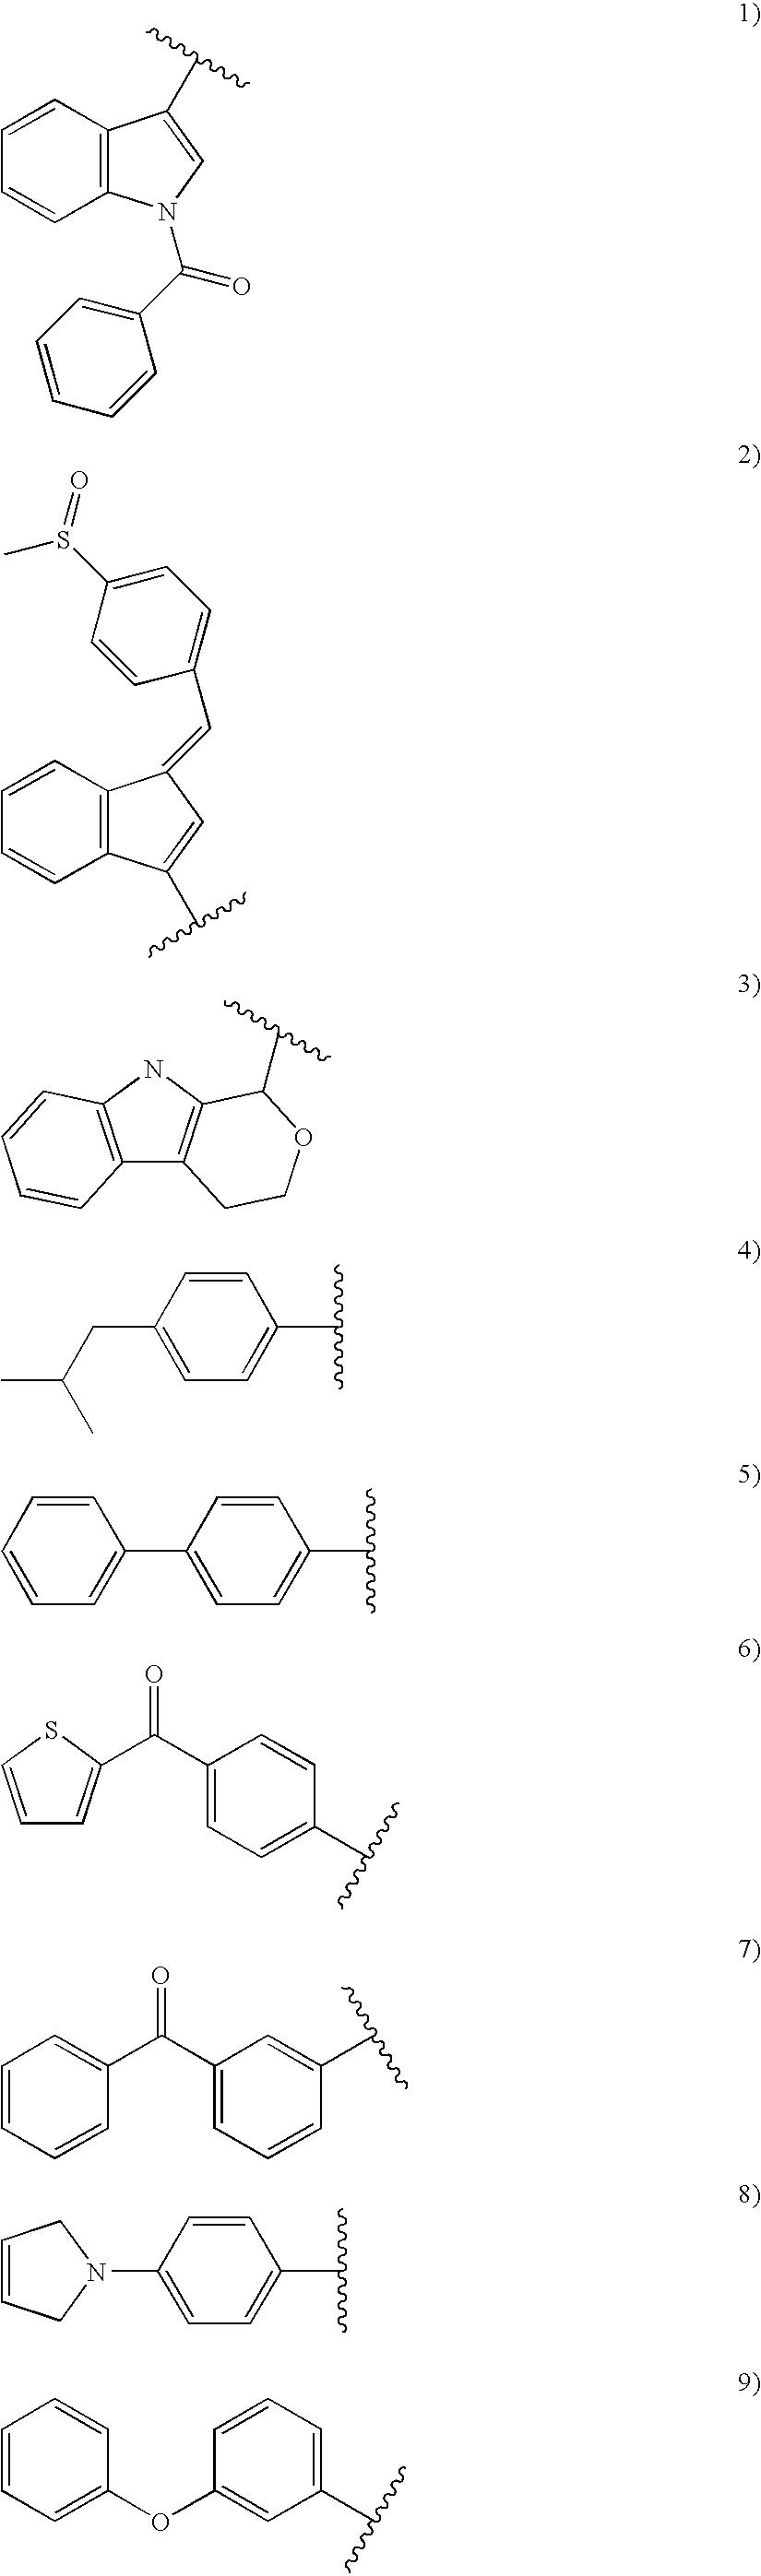 Figure US20050054714A1-20050310-C00022